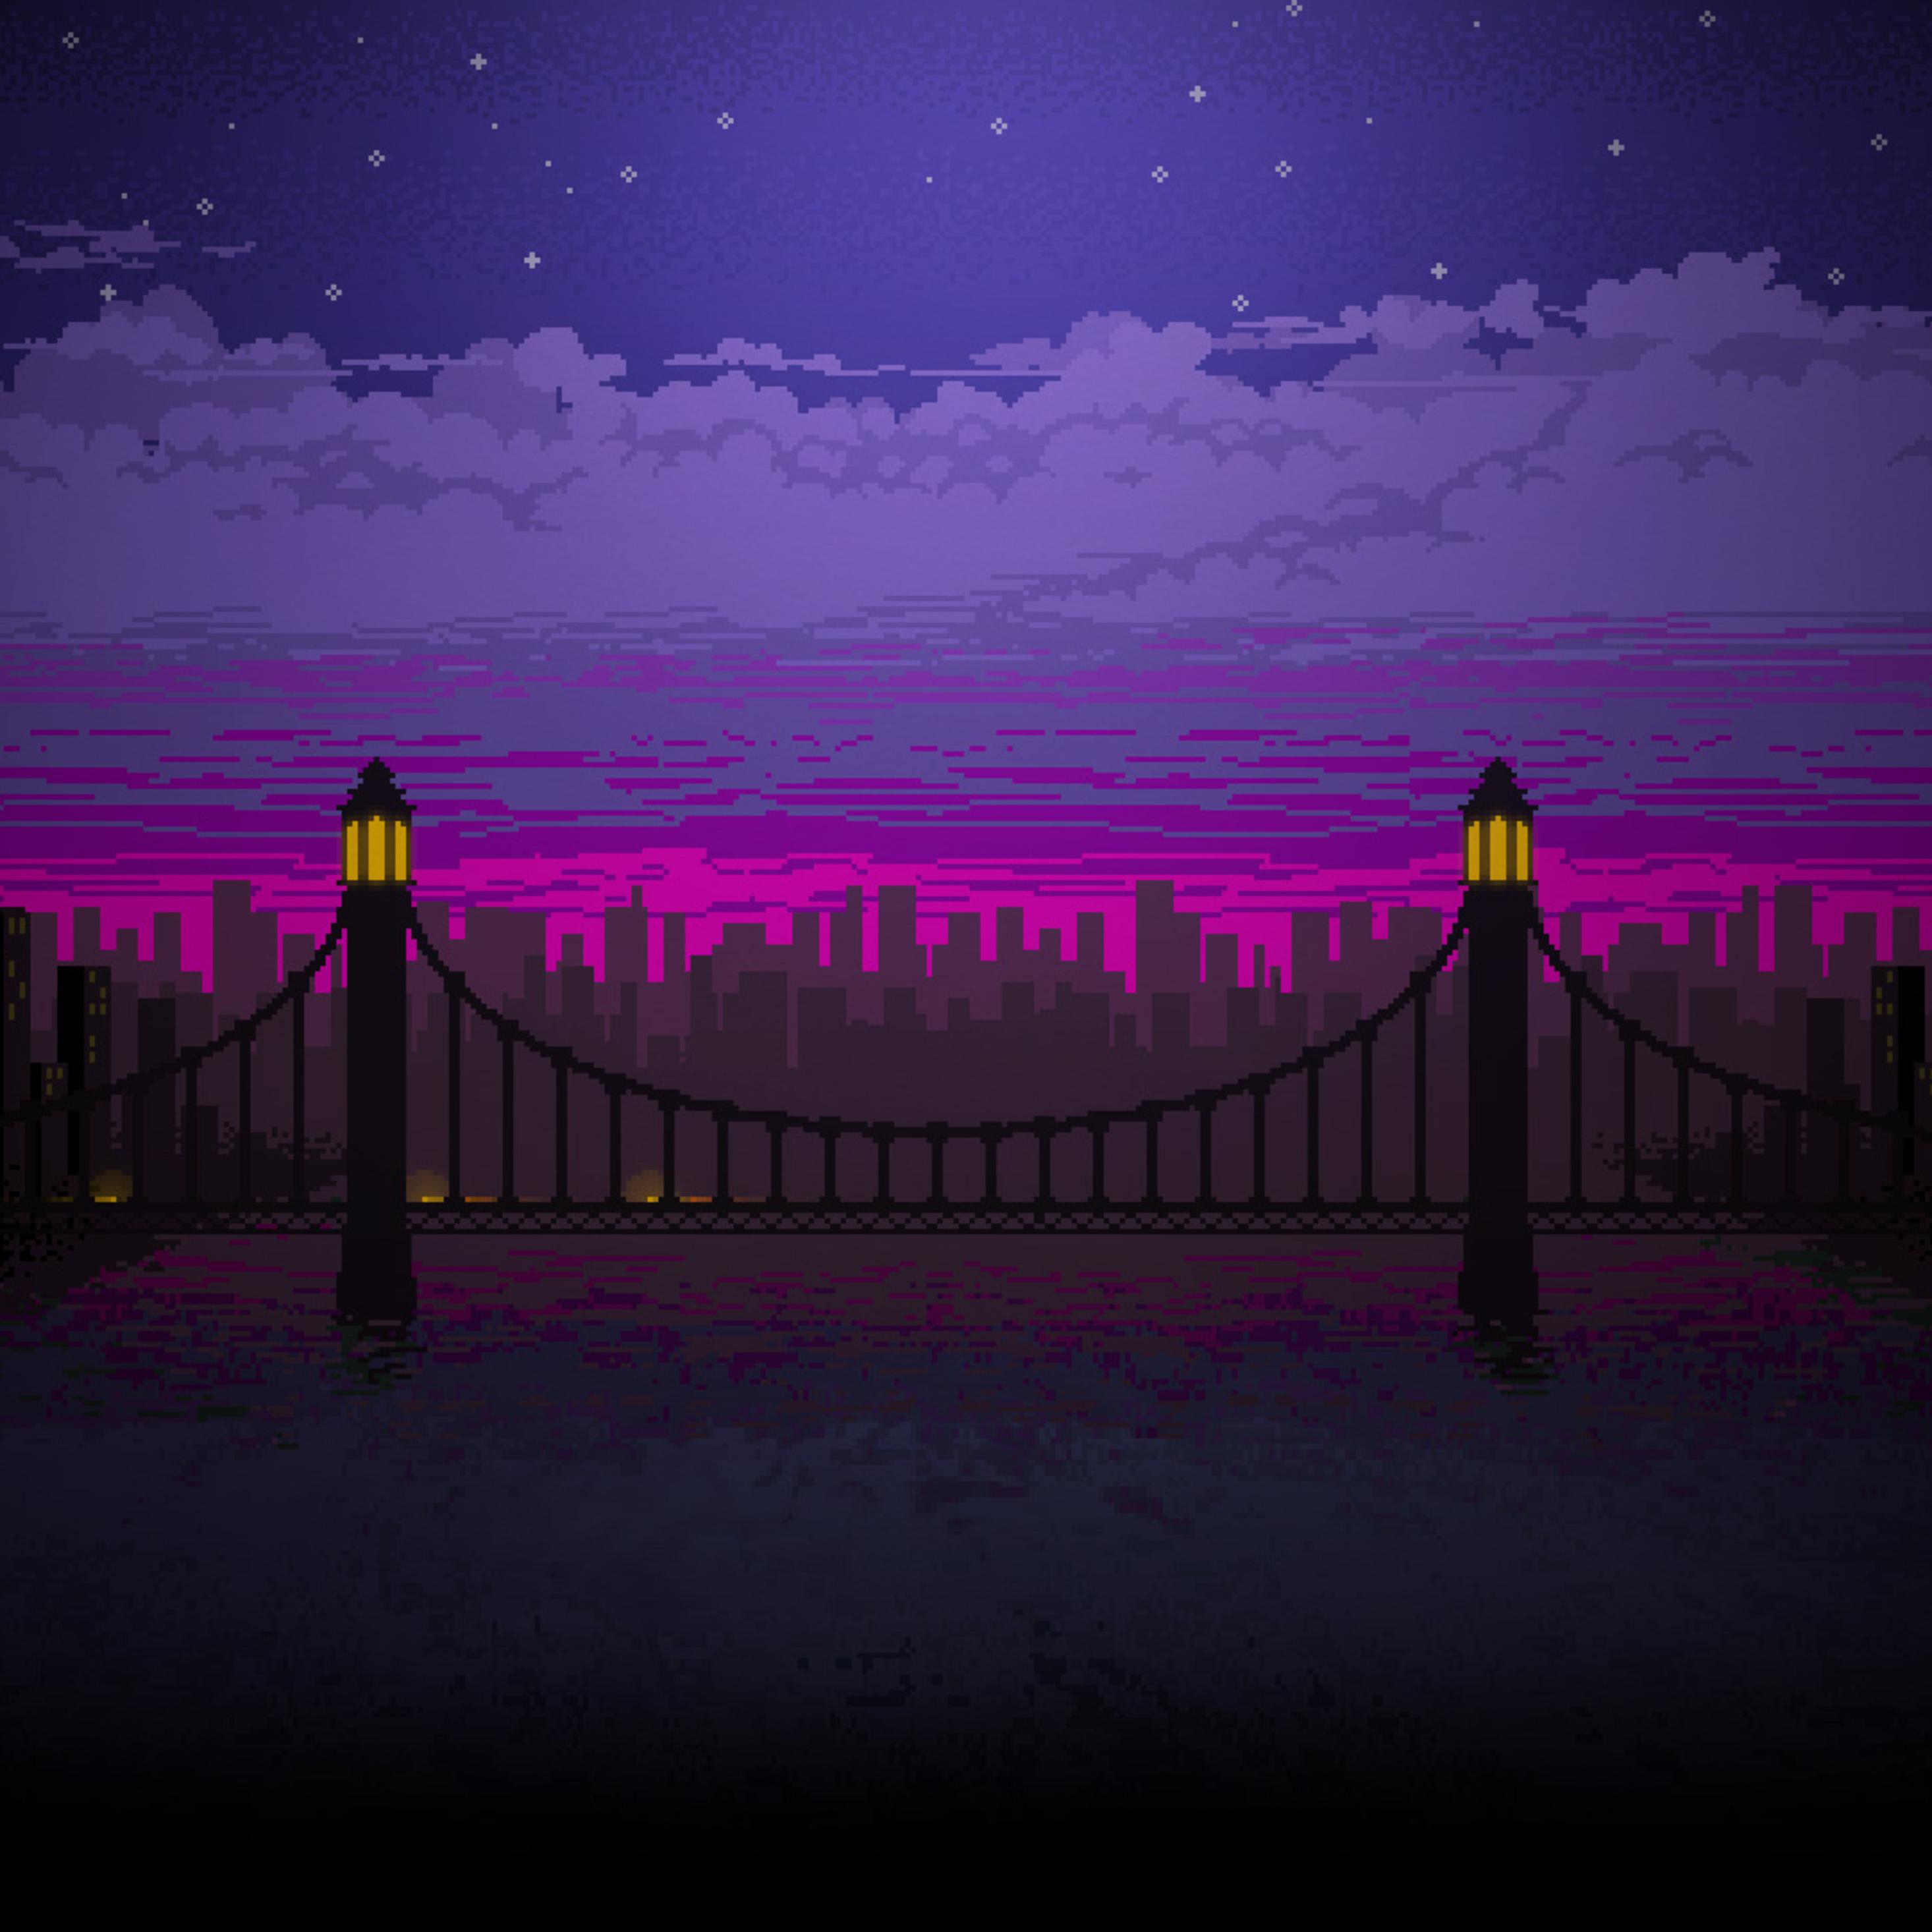 2932x2932 Pixel Art Bridge Night Ipad Pro Retina Display